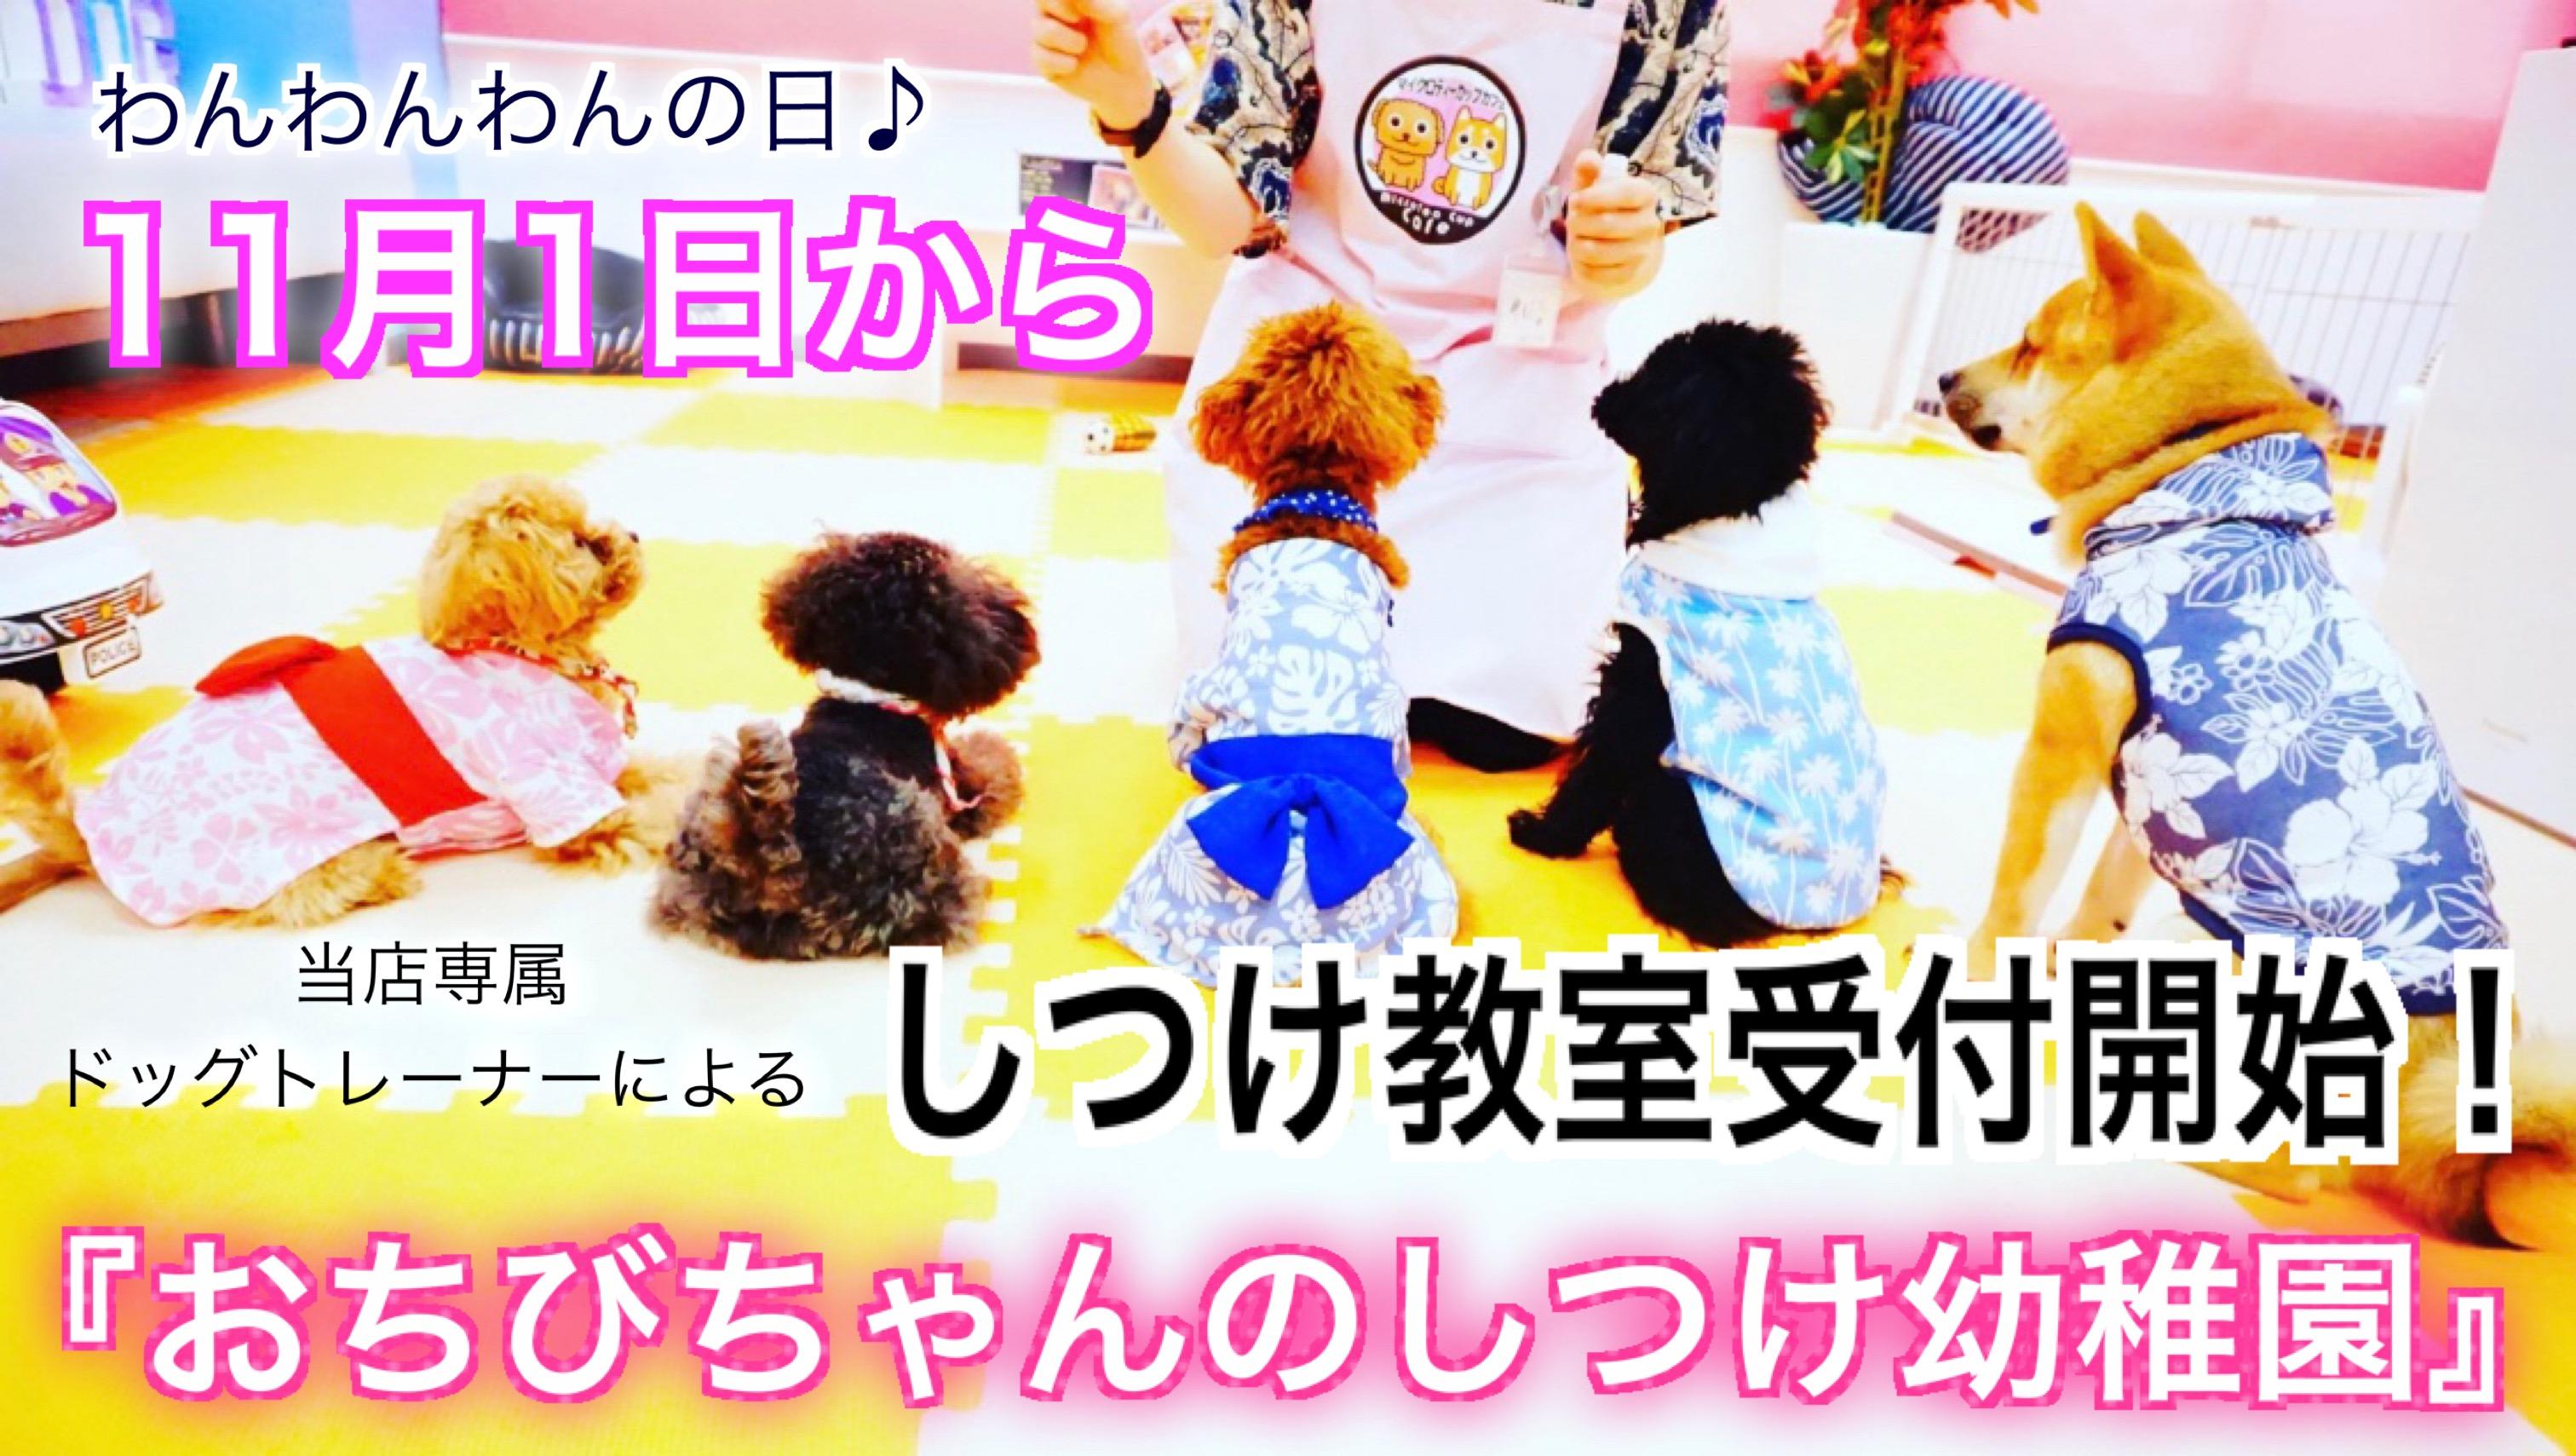 日本初!犬カフェの運営するしつけ教室『おちびちゃんのしつけ幼稚園』愛犬のしつけでお困りの方に専属ドッグトレーナーが安心、安全、確実なしつけを!